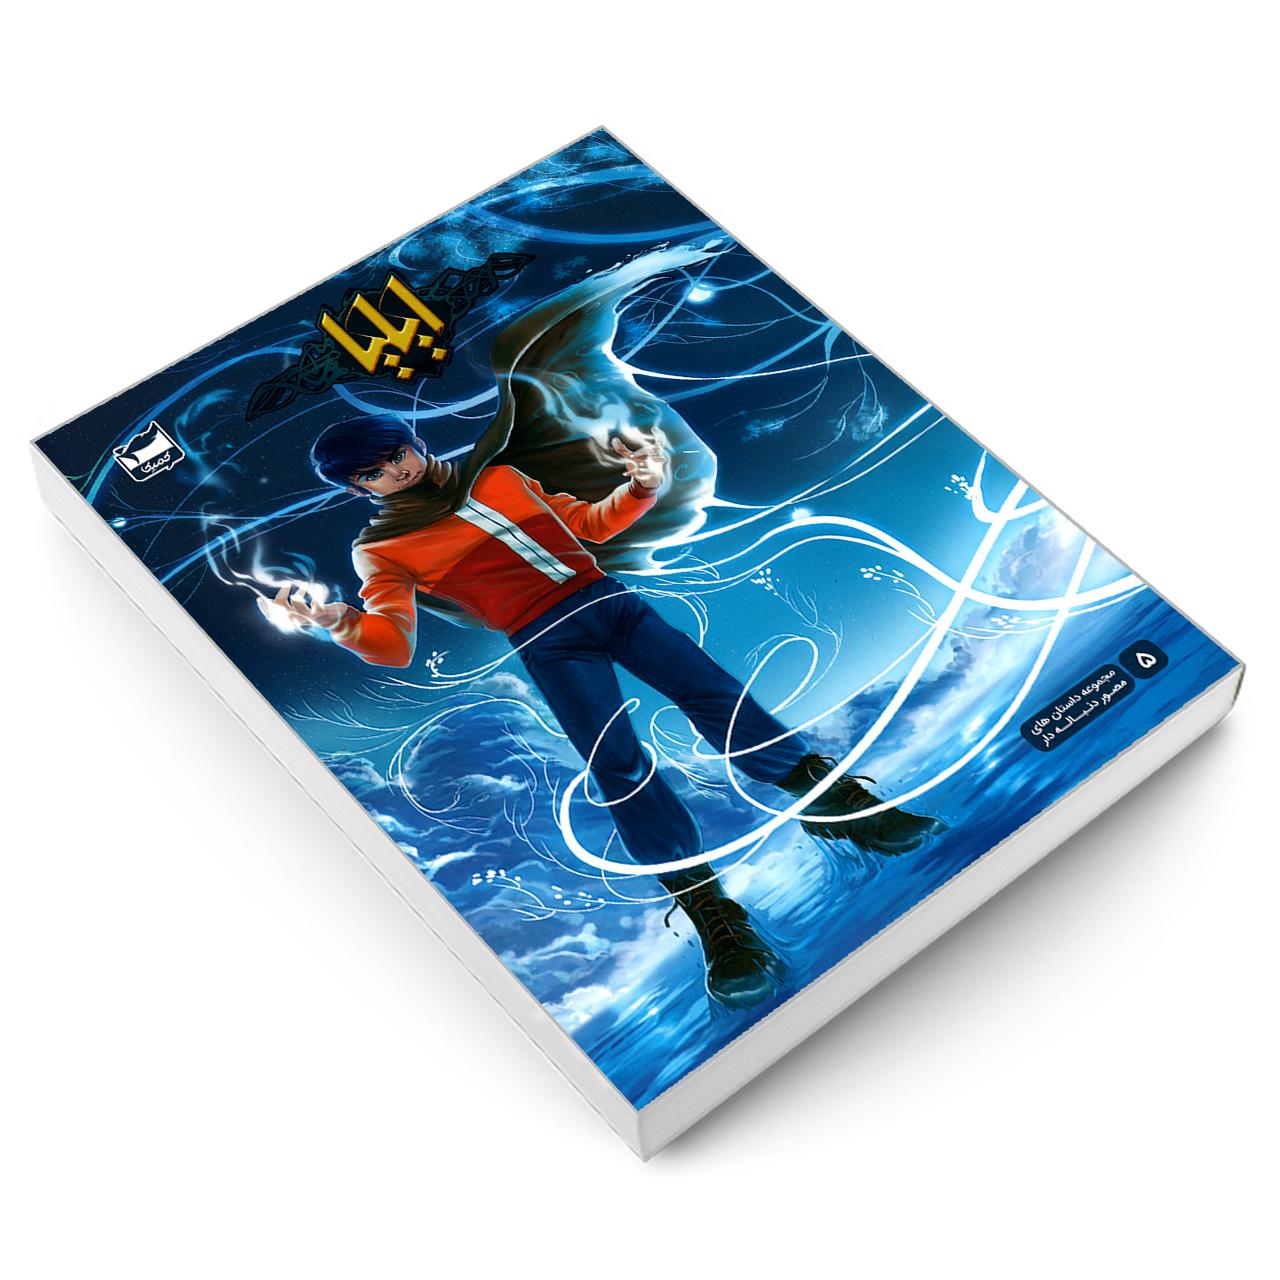 خرید                      کتاب مجموعه داستان های مصور دنباله دار ایلیا 5 اثر امین توکلی نشر ابراهیم